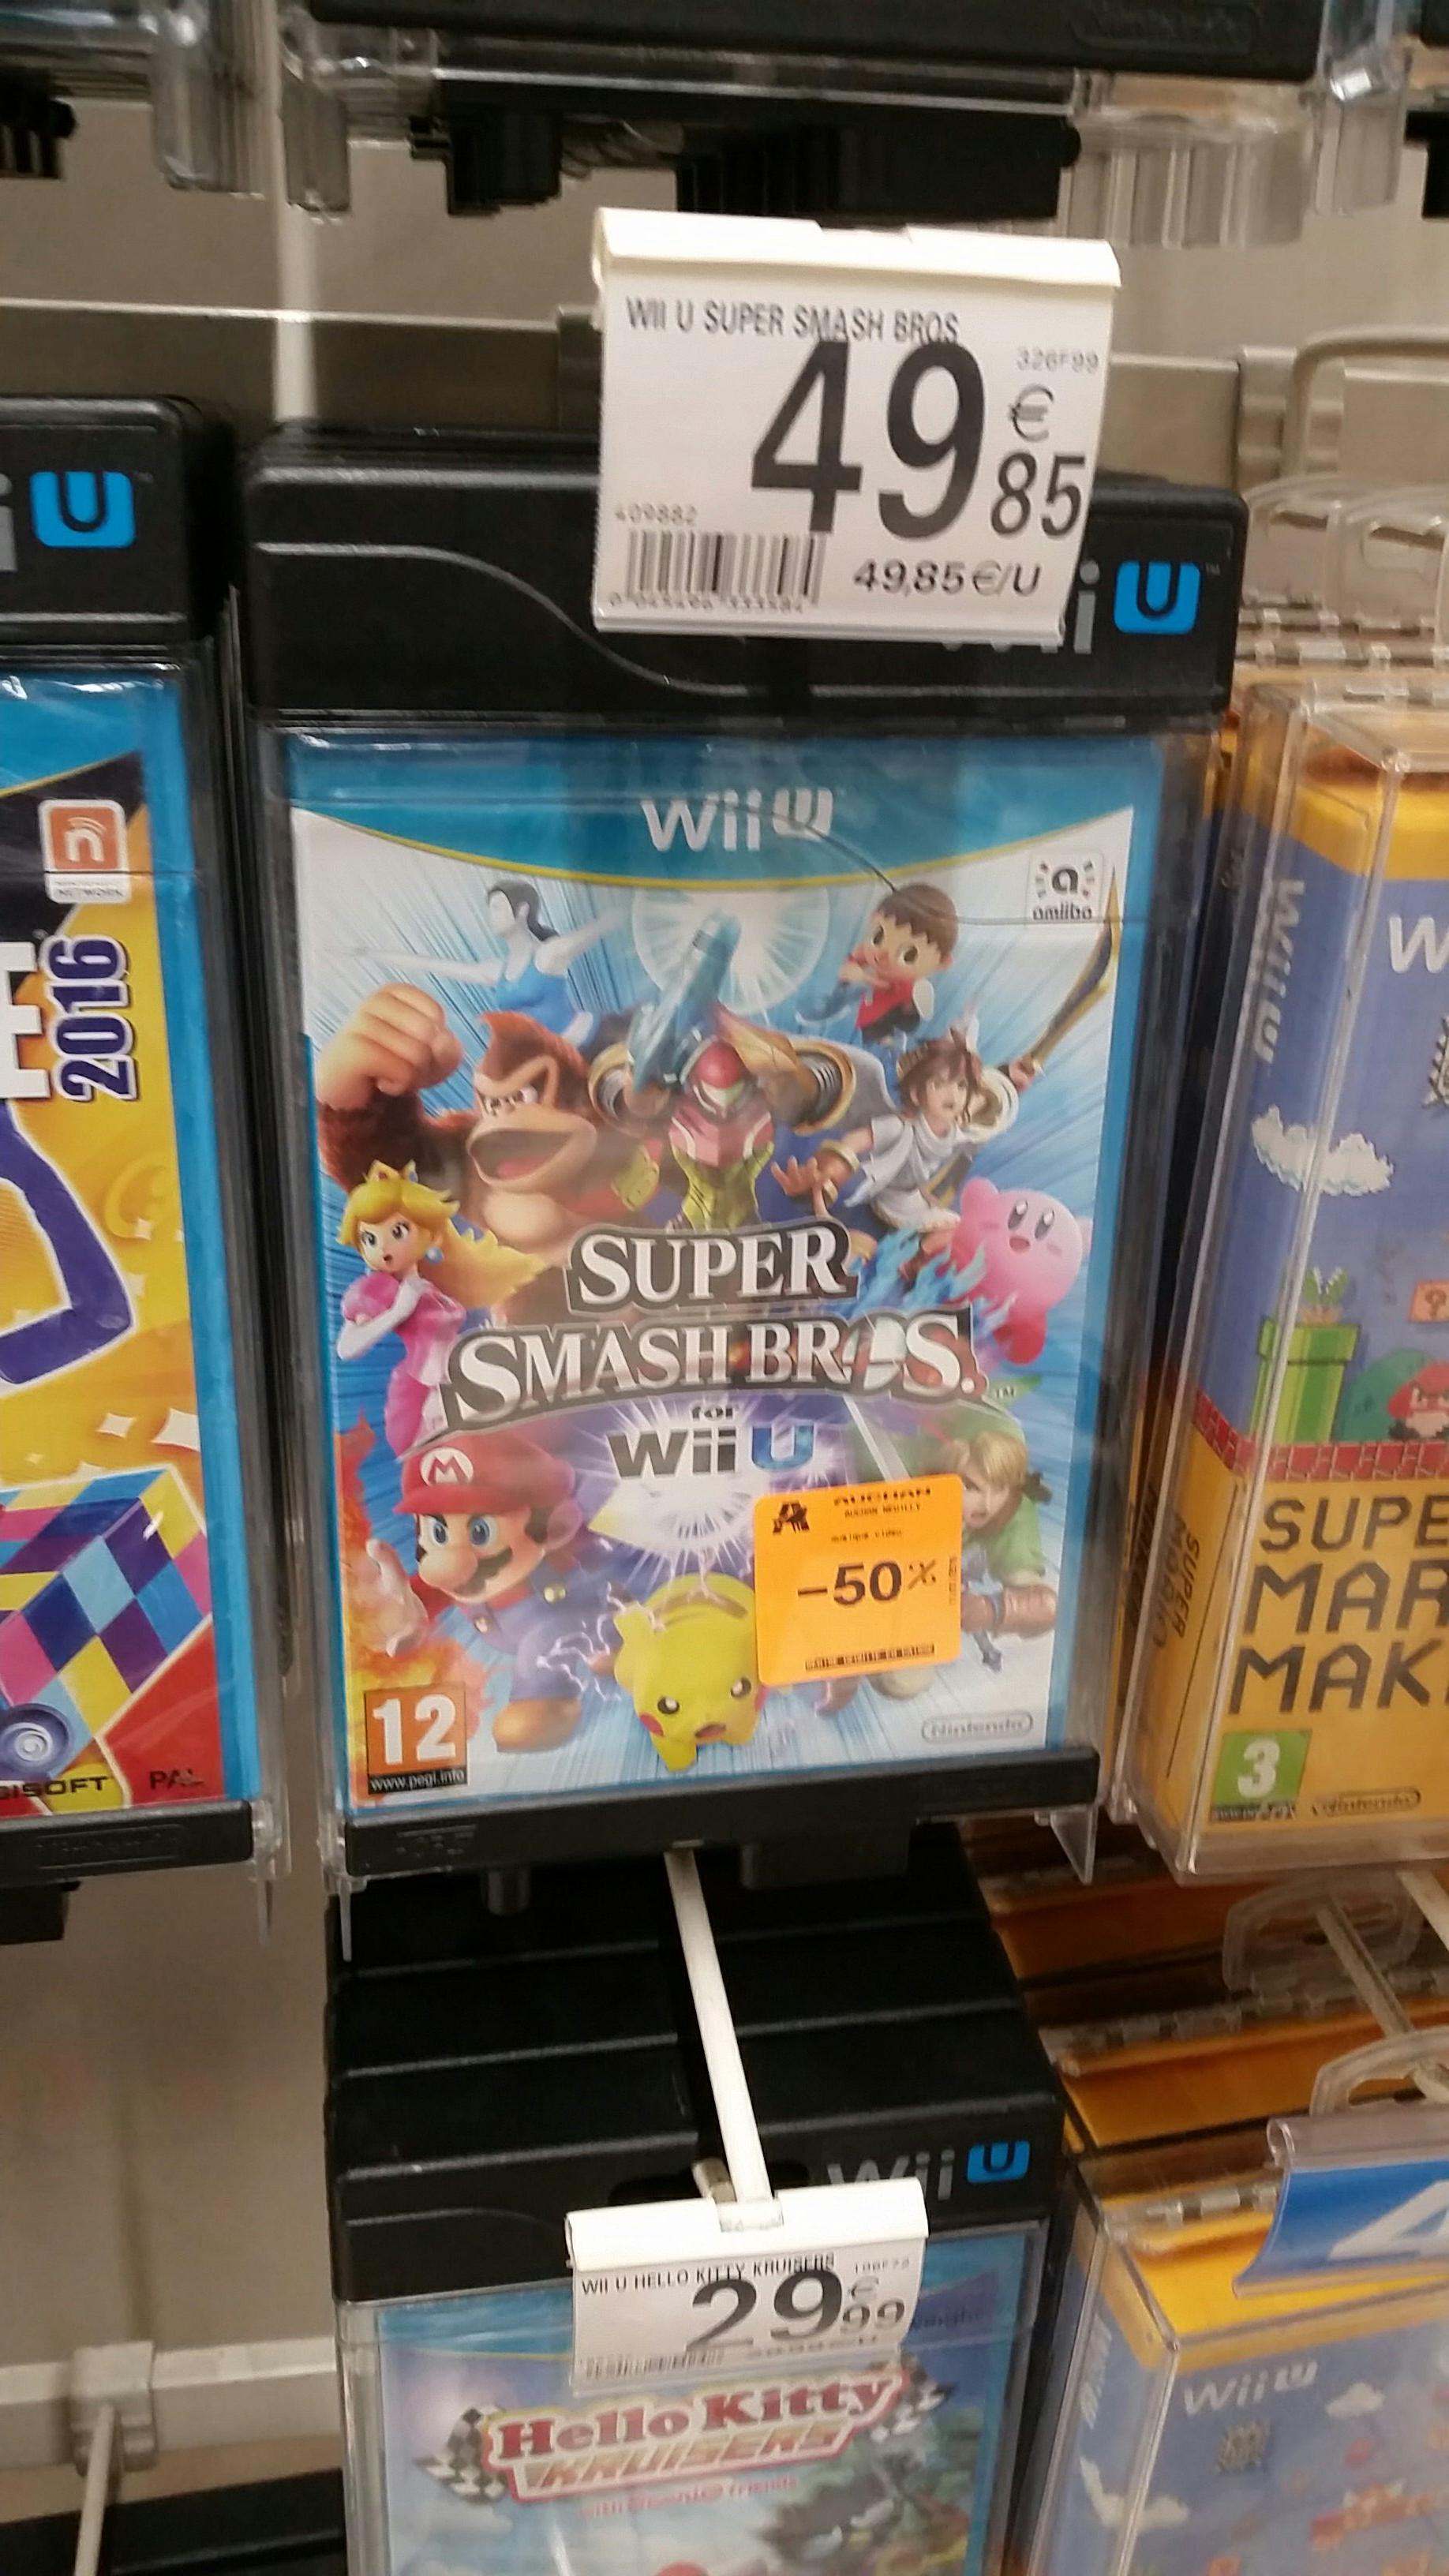 Sélection de jeux vidéo en promotion - Ex : Jeu Super smash bros Wii U